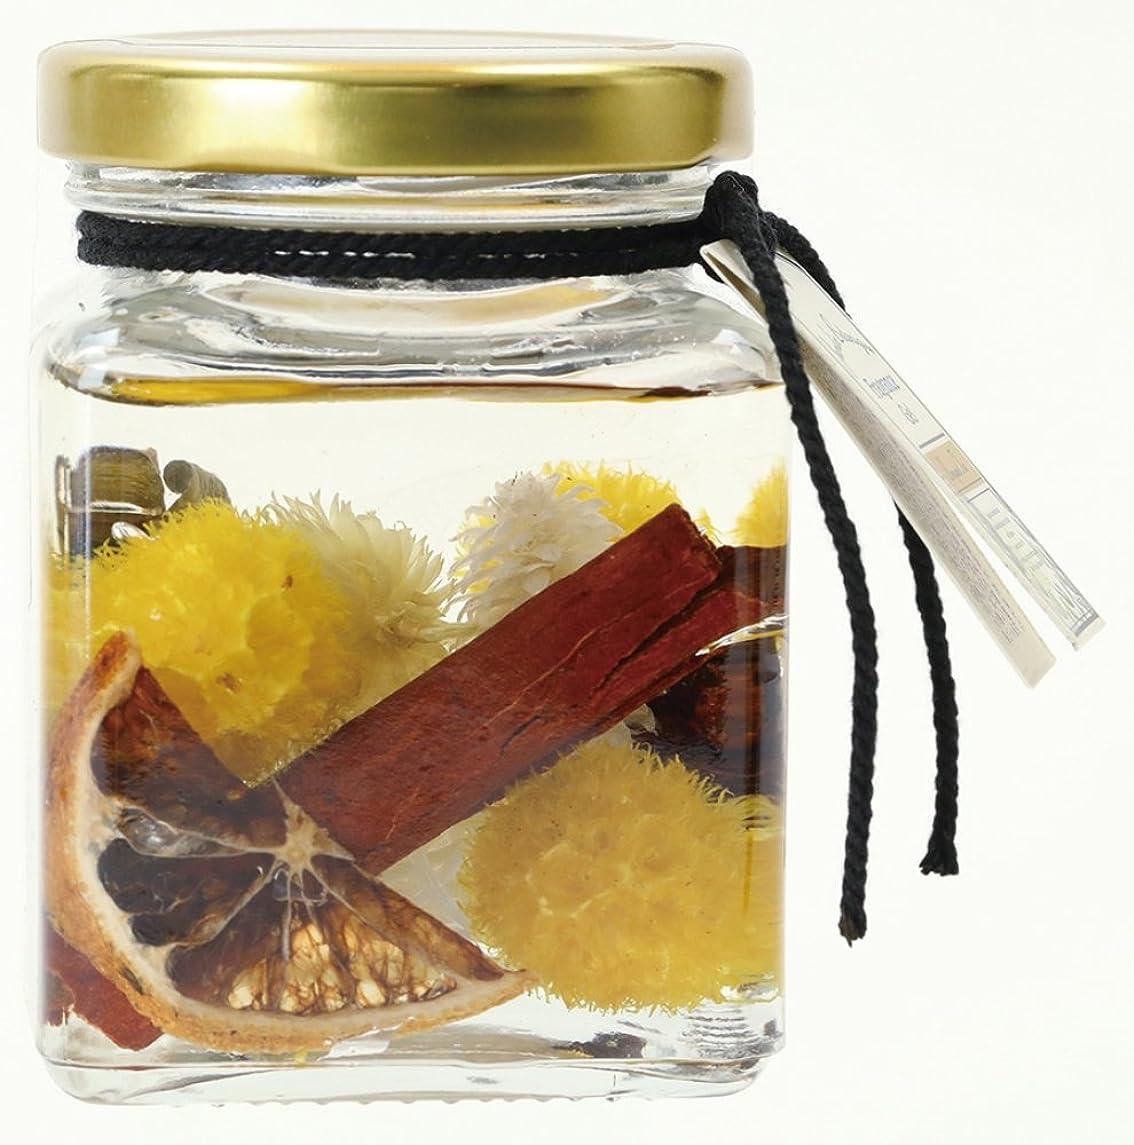 ベストアスペクトジョージバーナードノルコーポレーション フレグランスジェル ジャルダンボタニーク ベルガモット 柑橘の香り OA-JBT-1-1